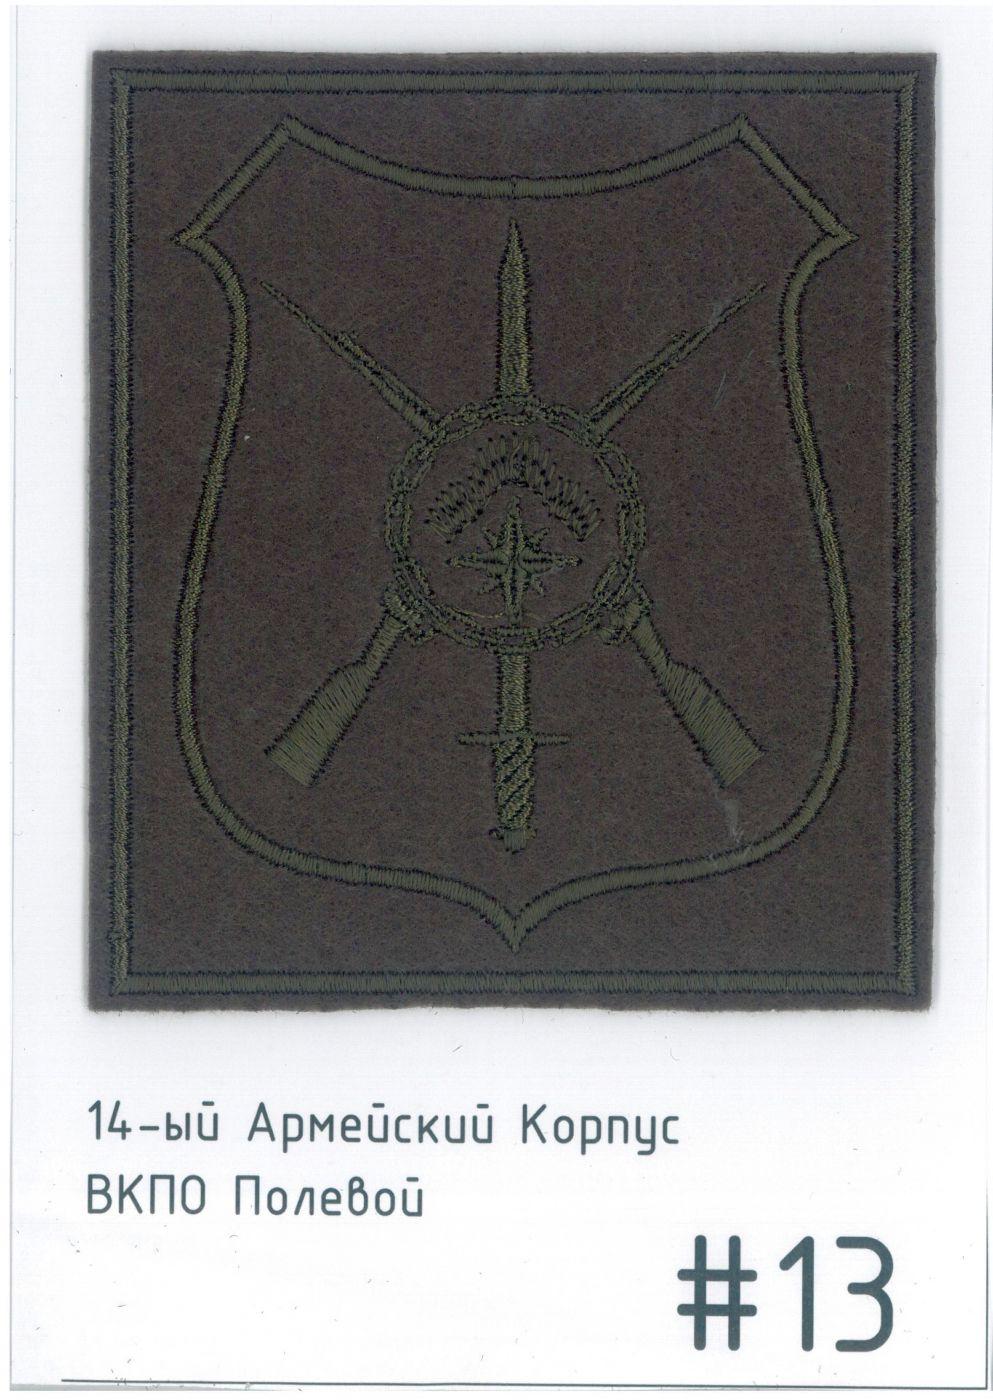 Шеврон 14-ый Армейский корпус ВКПО полевой.